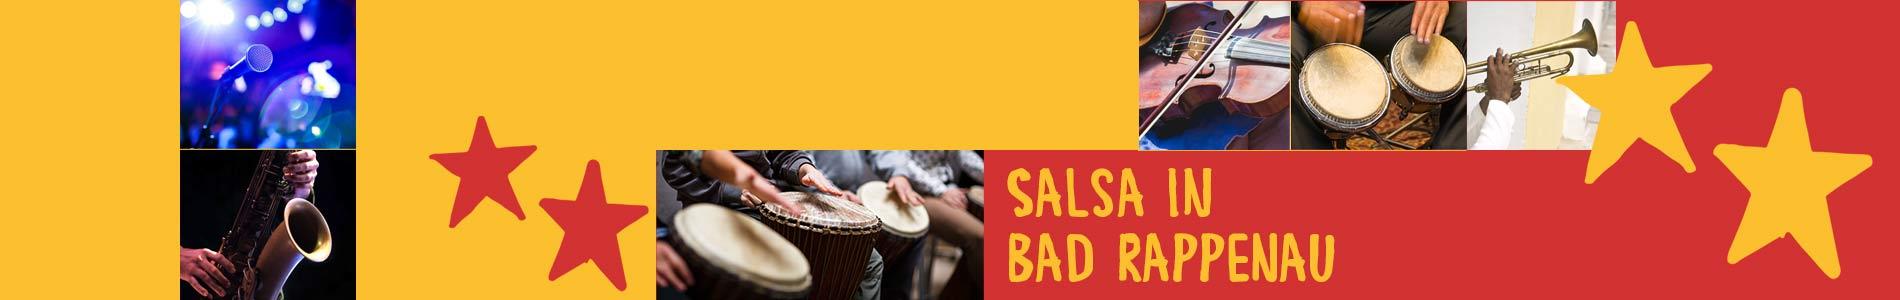 Salsa in Bad Rappenau – Salsa lernen und tanzen, Tanzkurse, Partys, Veranstaltungen